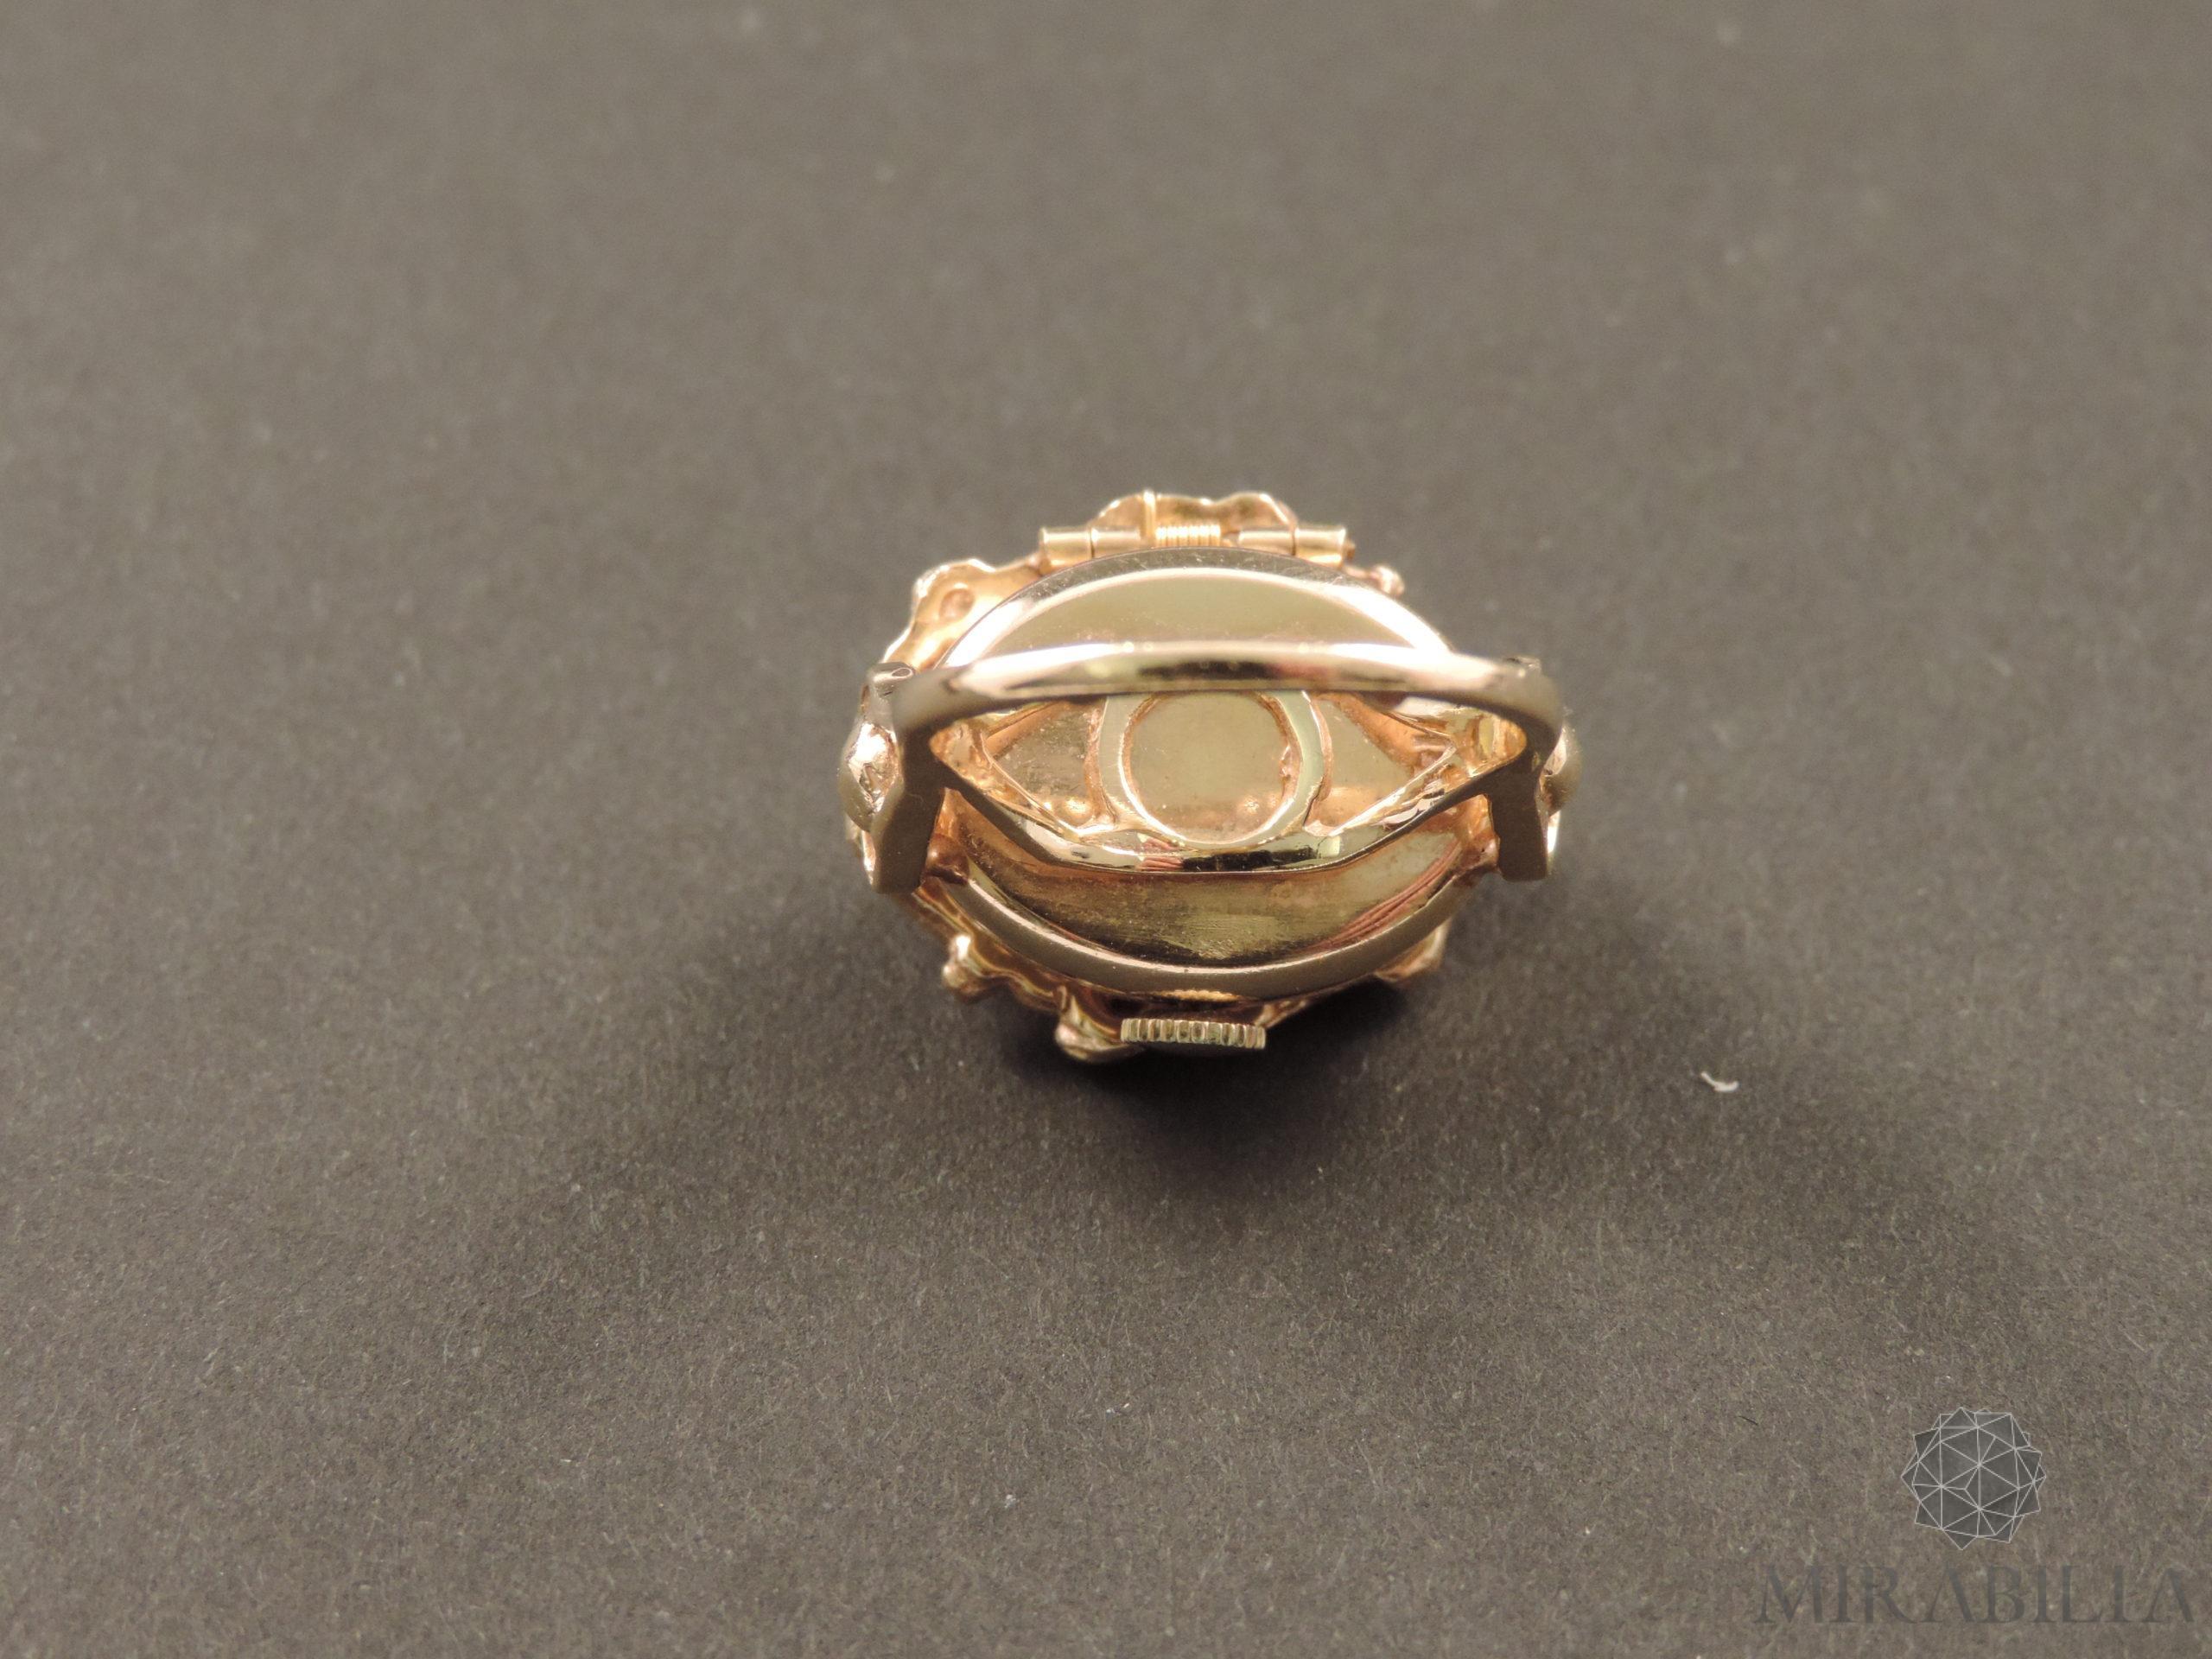 Anello con orologio Benat a scomparsa, in oro e opali, anni '50 (dettaglio retro)